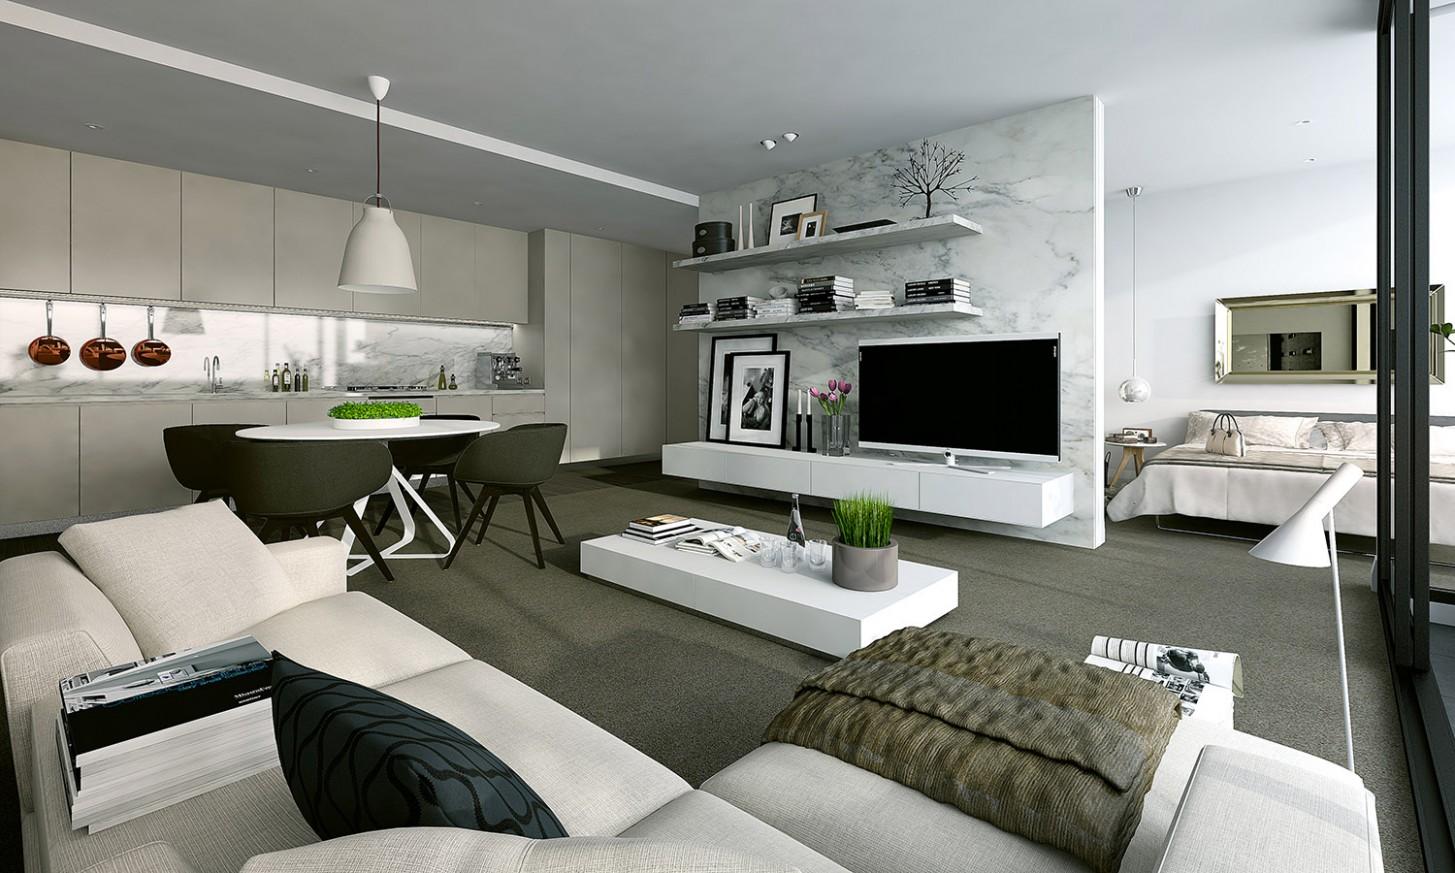 Studio Apartment Interiors Inspiration - Apartment Home Design